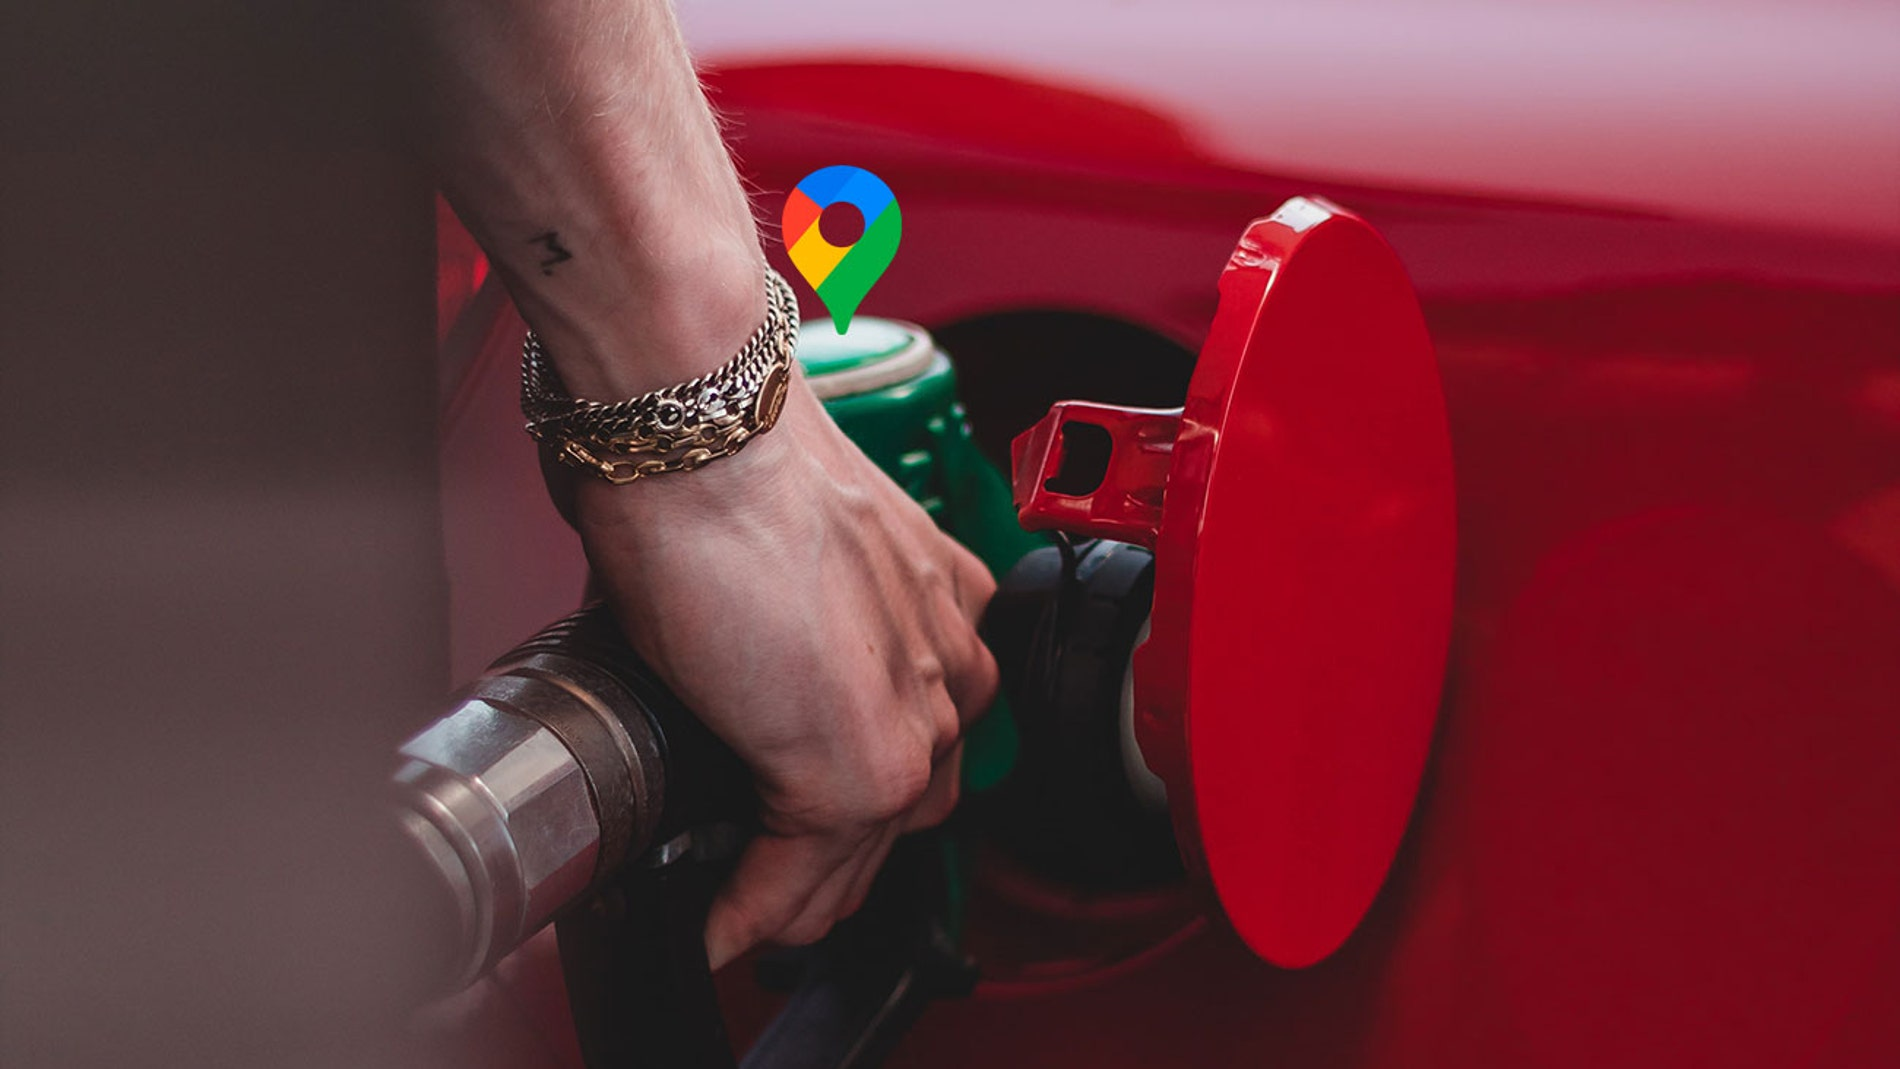 Llenando el depósito de gasolina